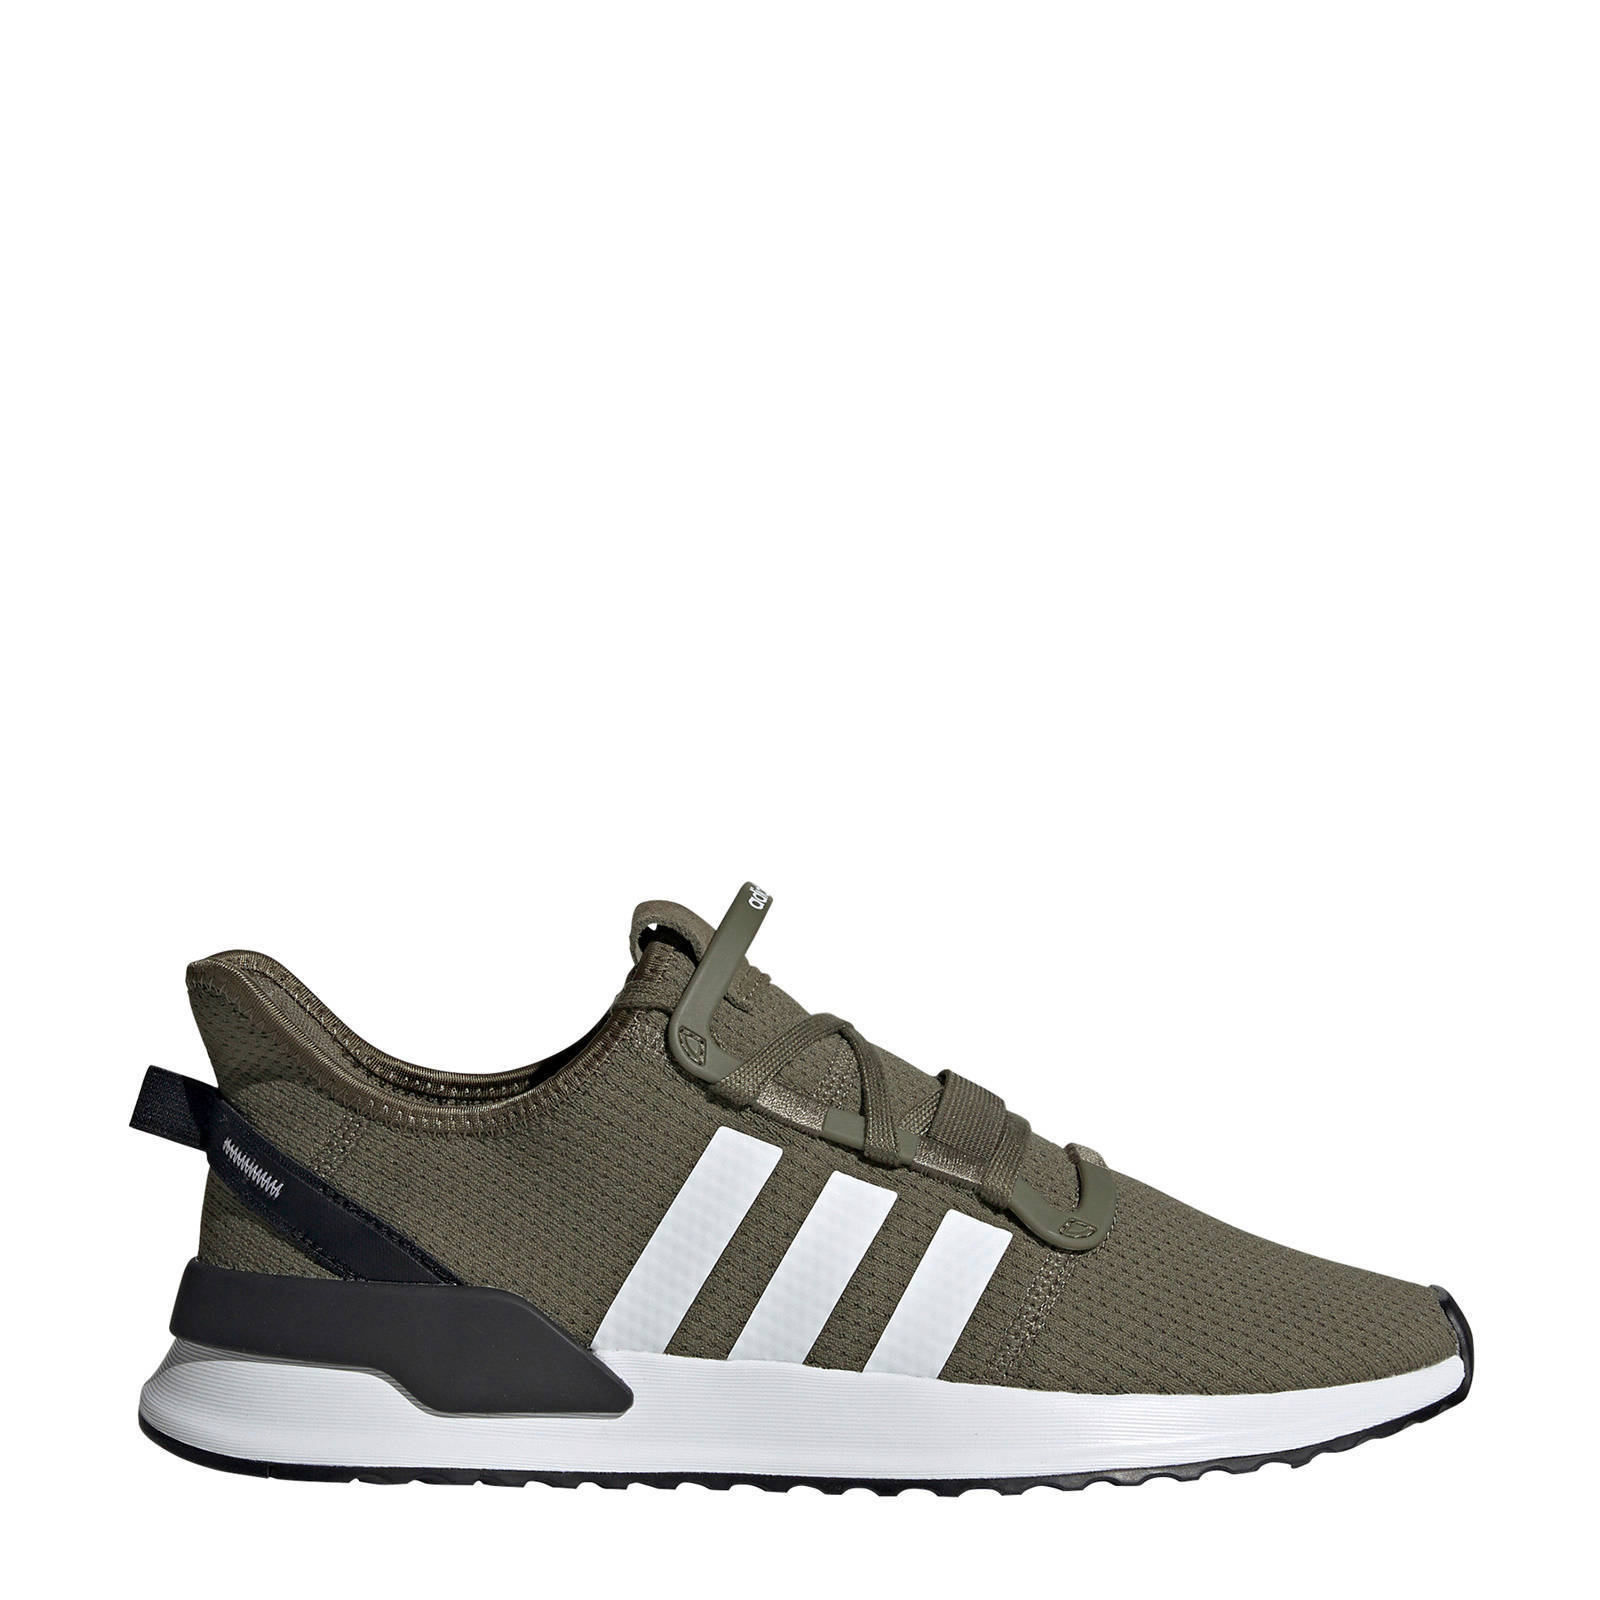 Adidas Bezorging Originals Bij Wehkamp Vanaf 20 Gratis wvN0m8n